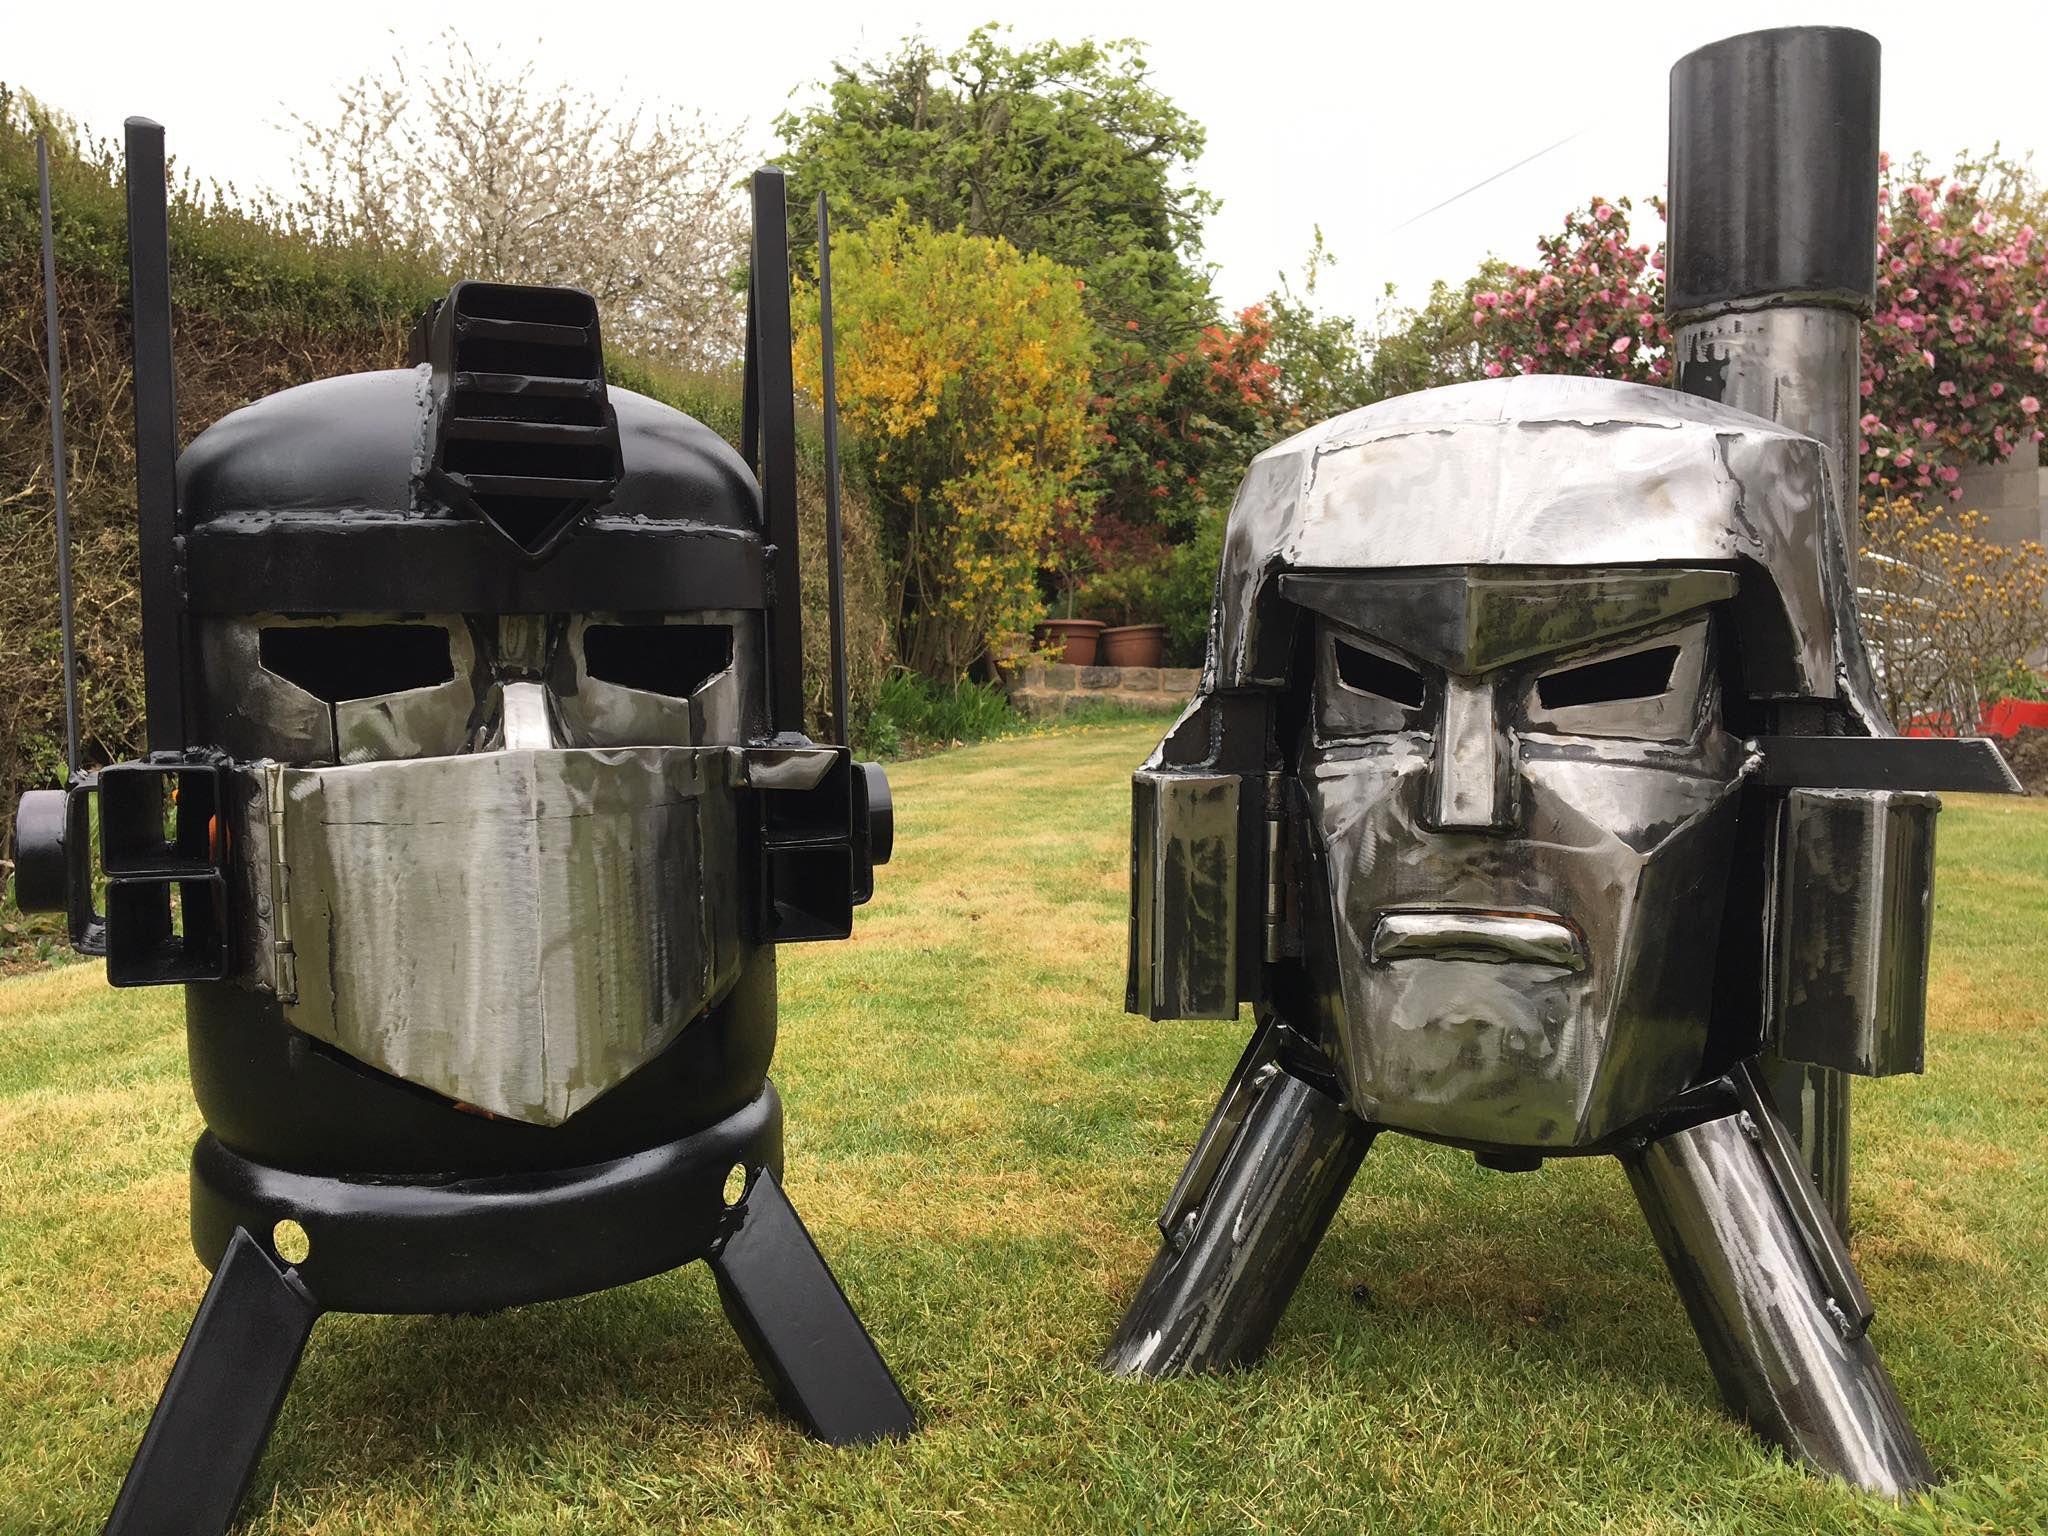 optimus prime wood burner. Black Bedroom Furniture Sets. Home Design Ideas